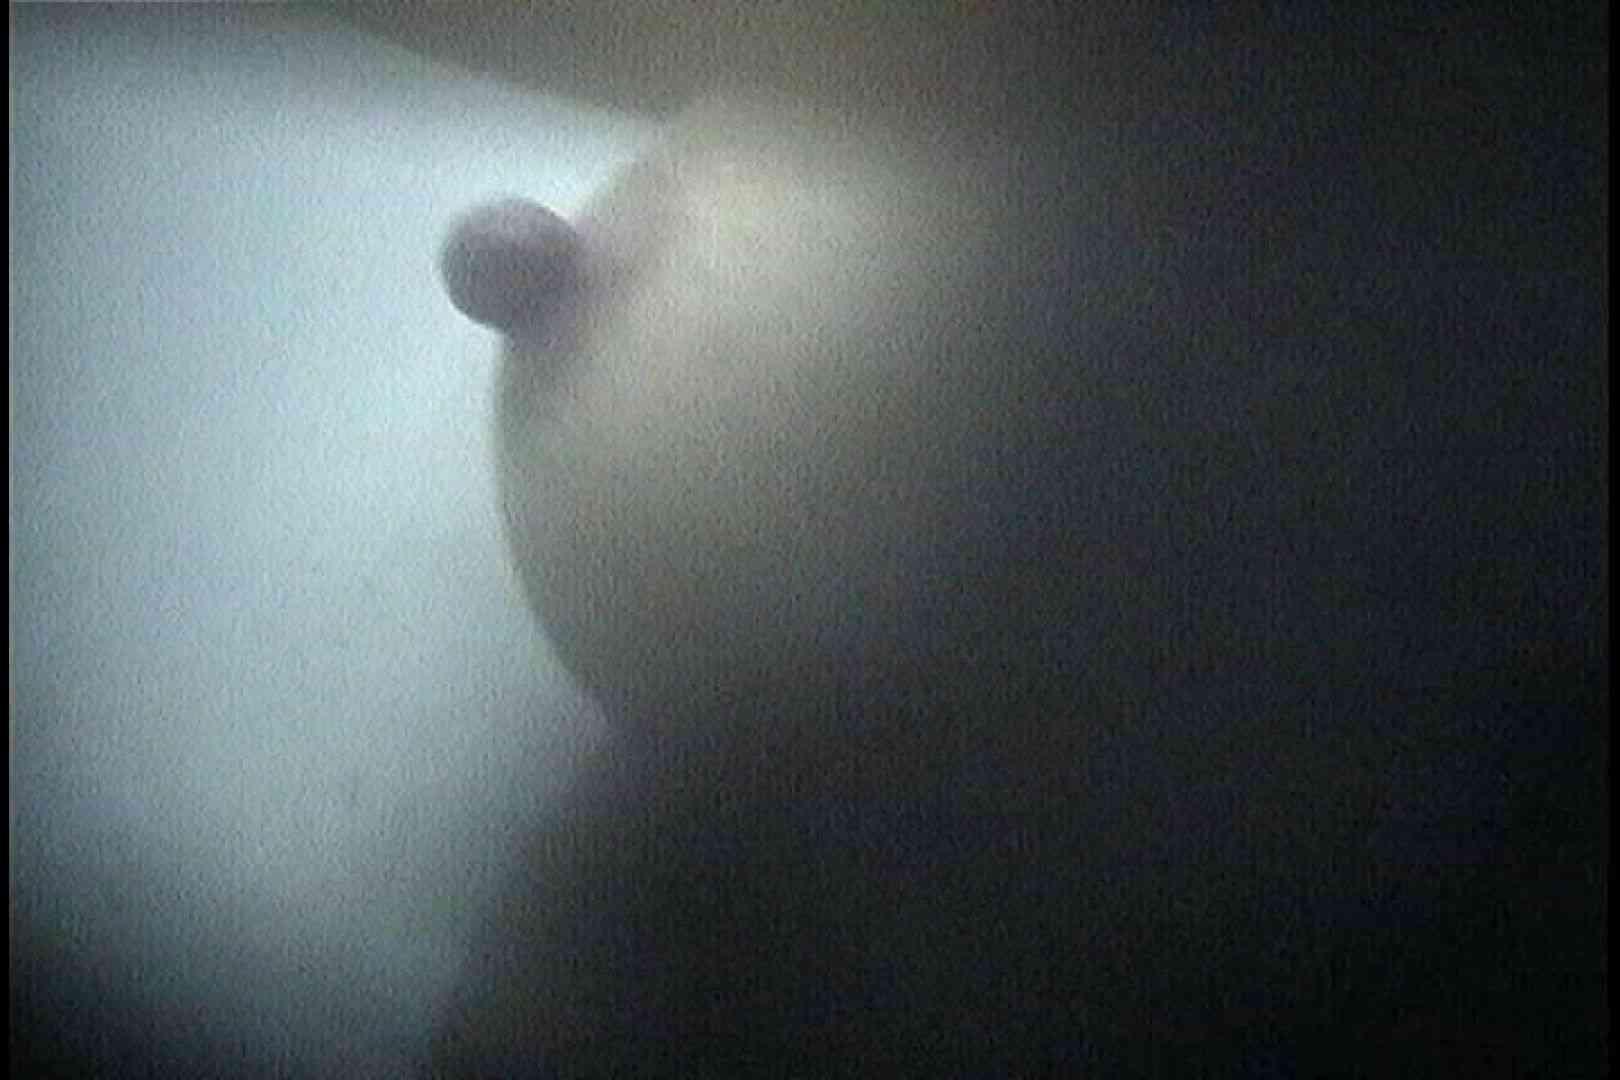 盗撮AV:No.38 軟らかそうなオッパイがプルプルゆれてます。:怪盗ジョーカー